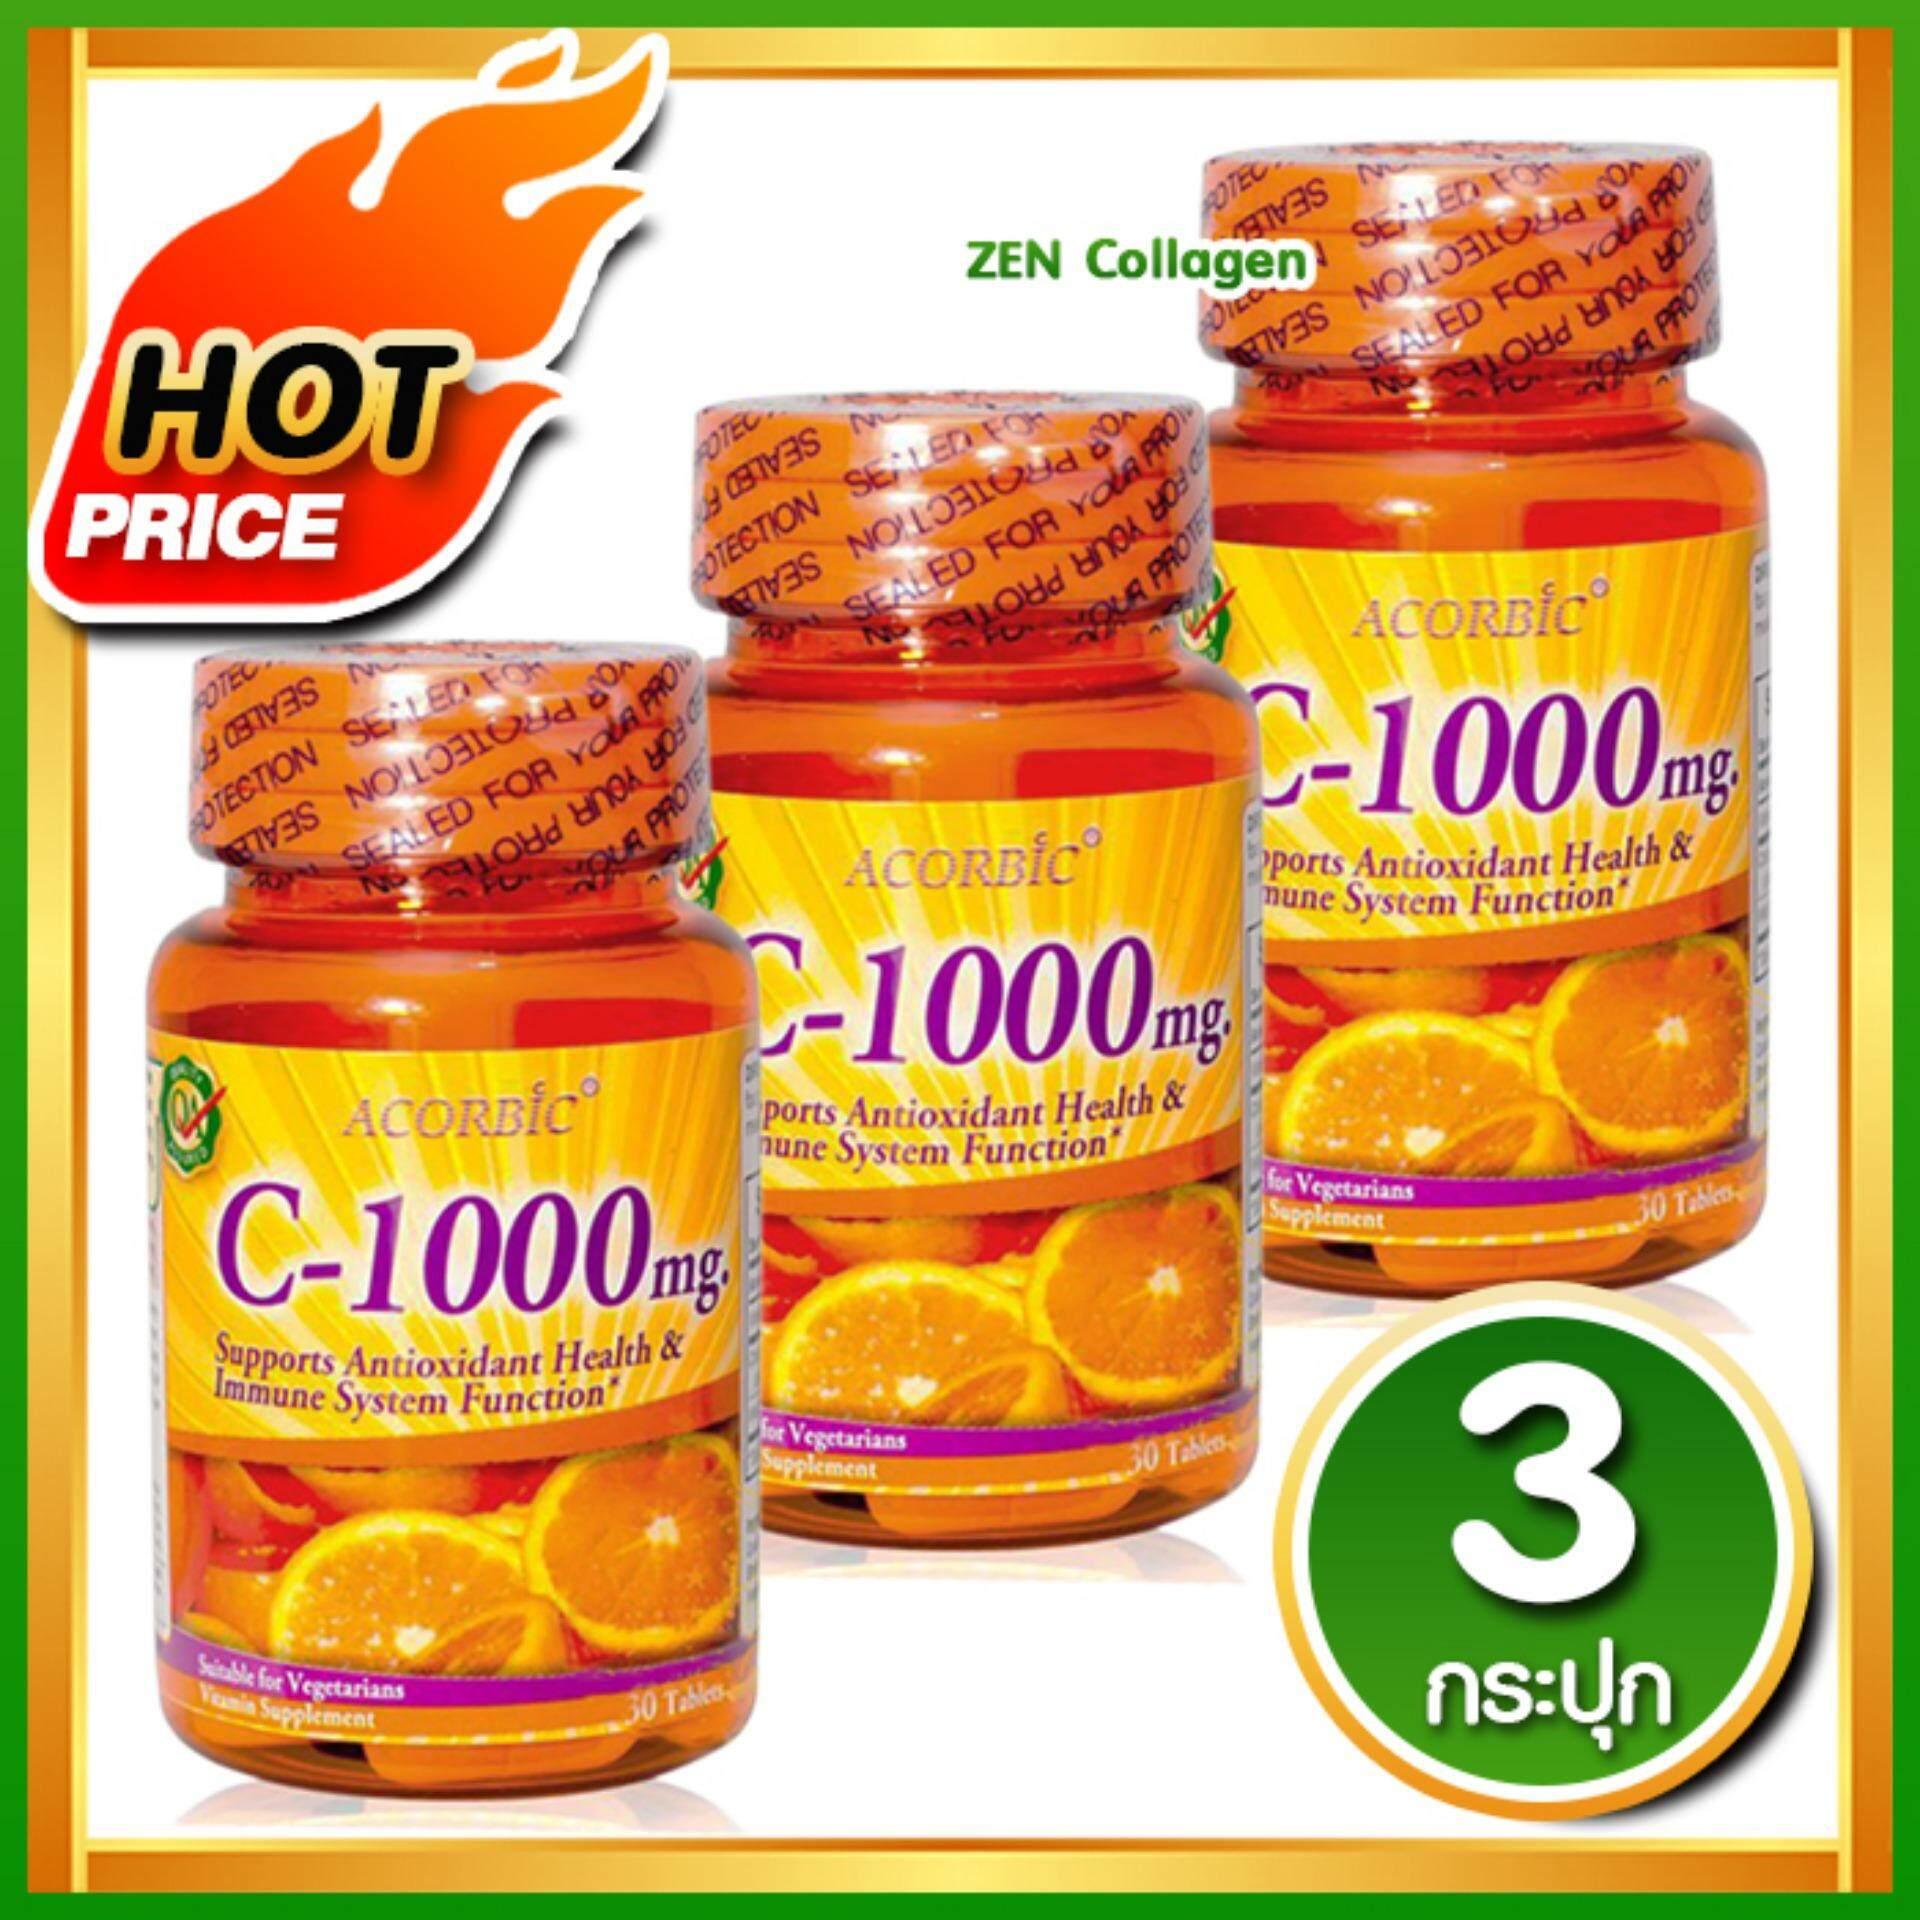 Acorbic VITAMIN C-1000mg . ผลิตภัณฑ์เสริมอาหาร วิตามิน-ซี 1000 มก. 3 กระปุก (30 เม็ด/1กระปุก)